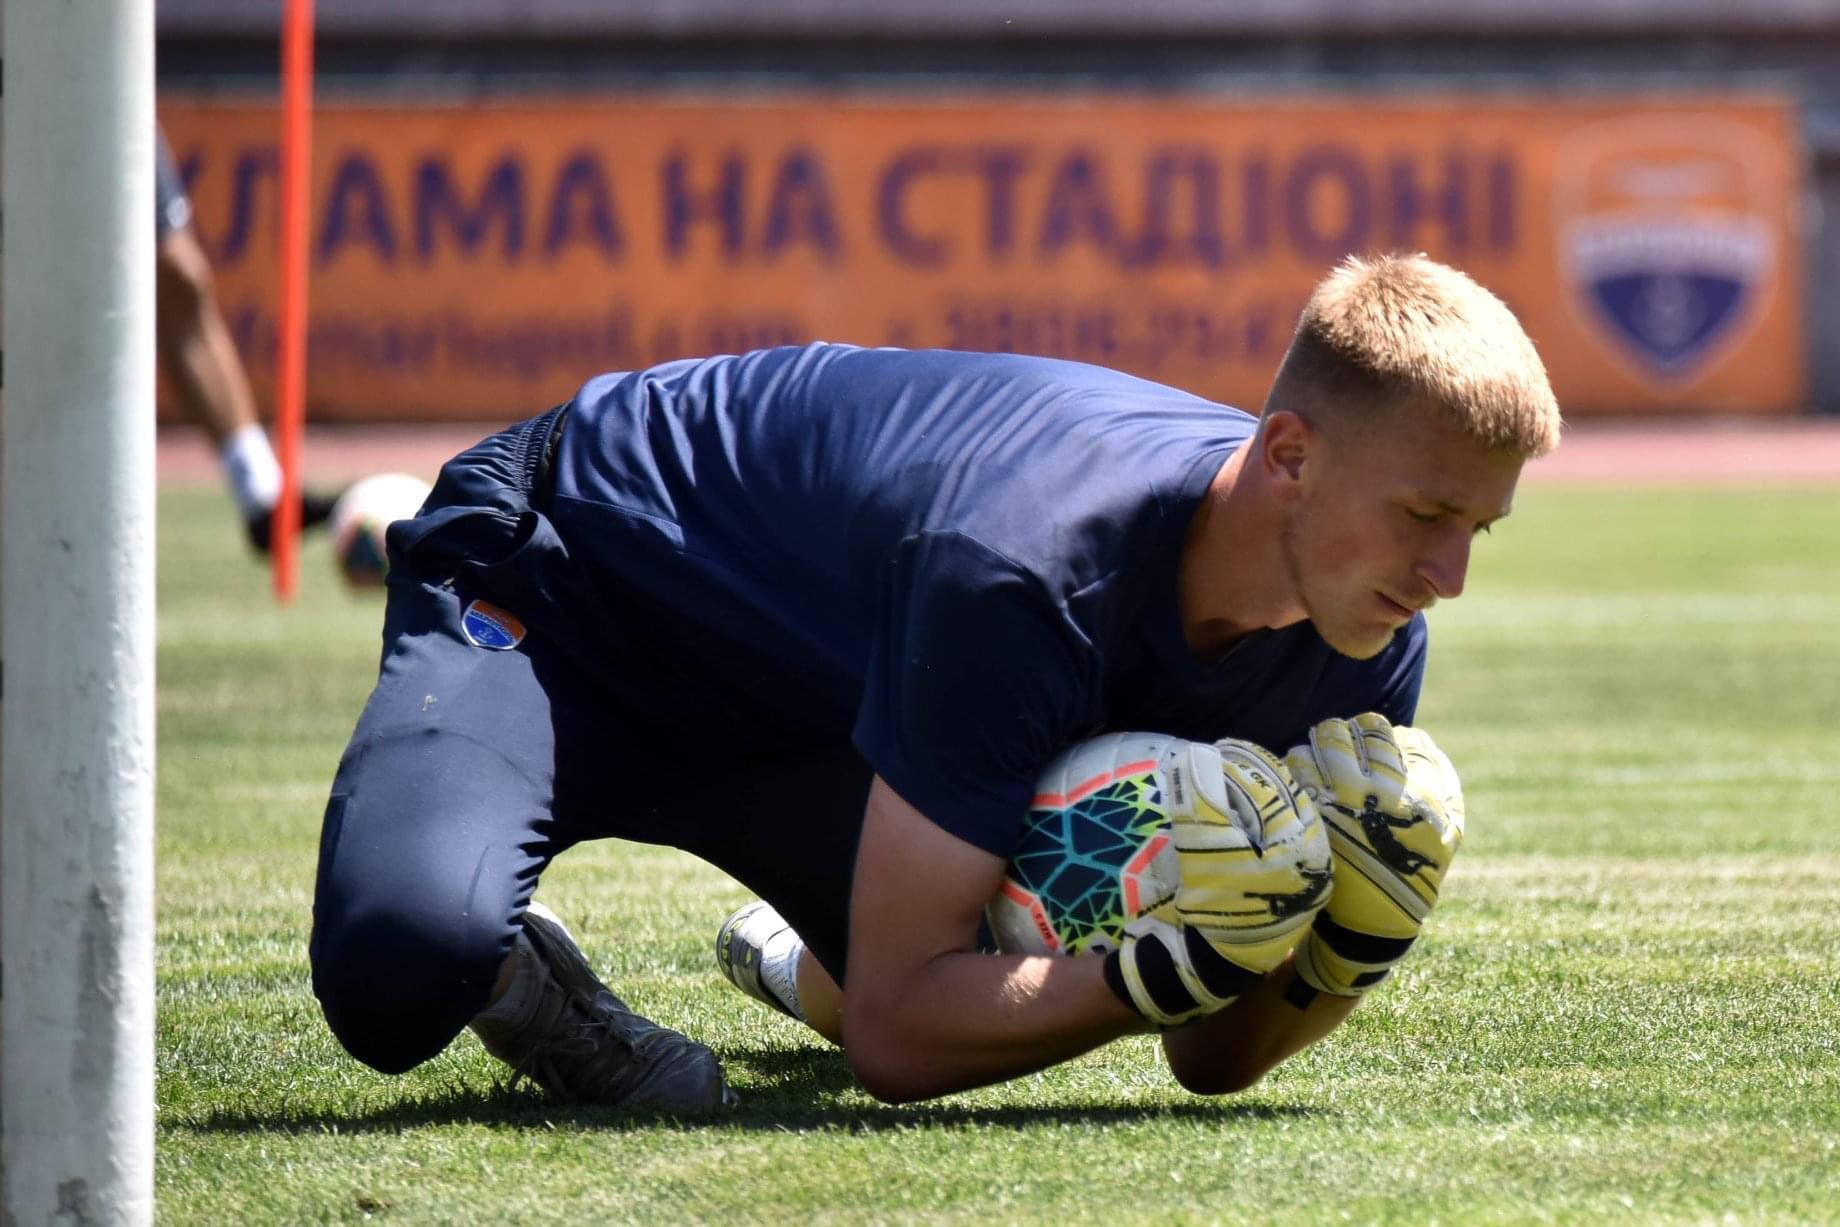 Артем Поспєлов в воротарських рукавицях Brave GK Phantome Rollfinger Yellow-офіційний інтернет-магазин Brave GK